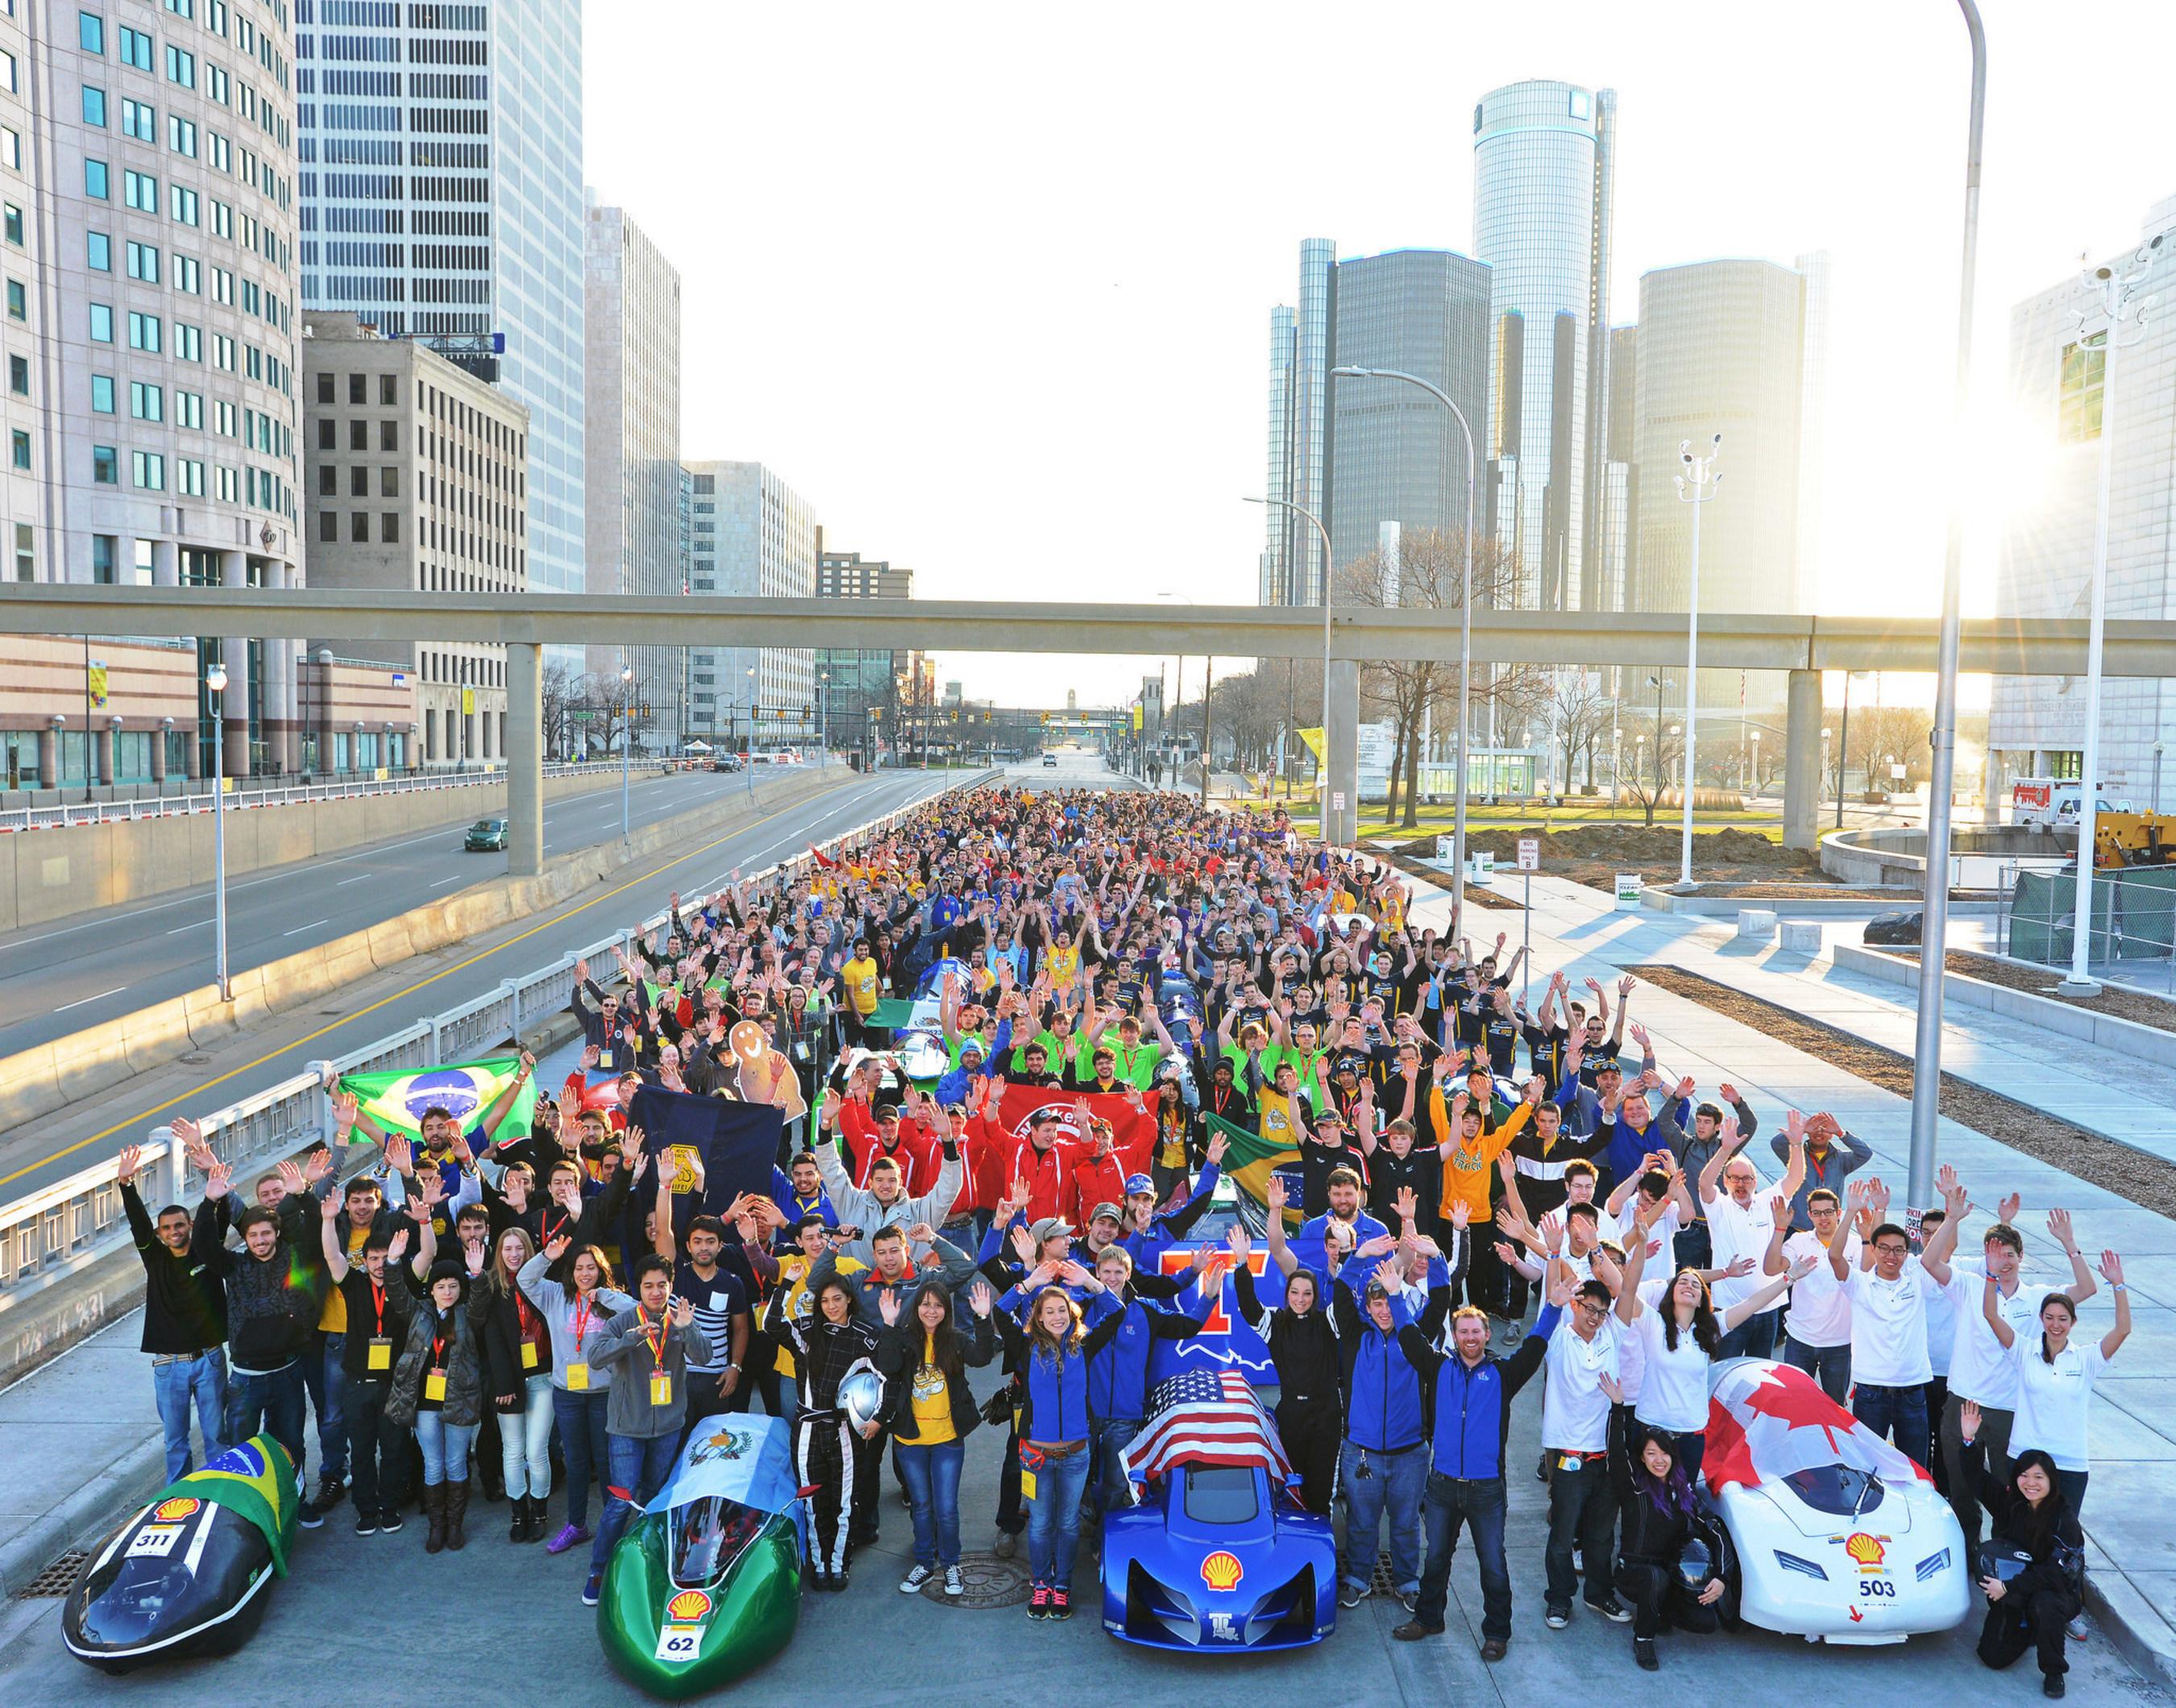 Shell Eco-marathon Americas celebra su décima edición del desafío supremo de la eficiencia